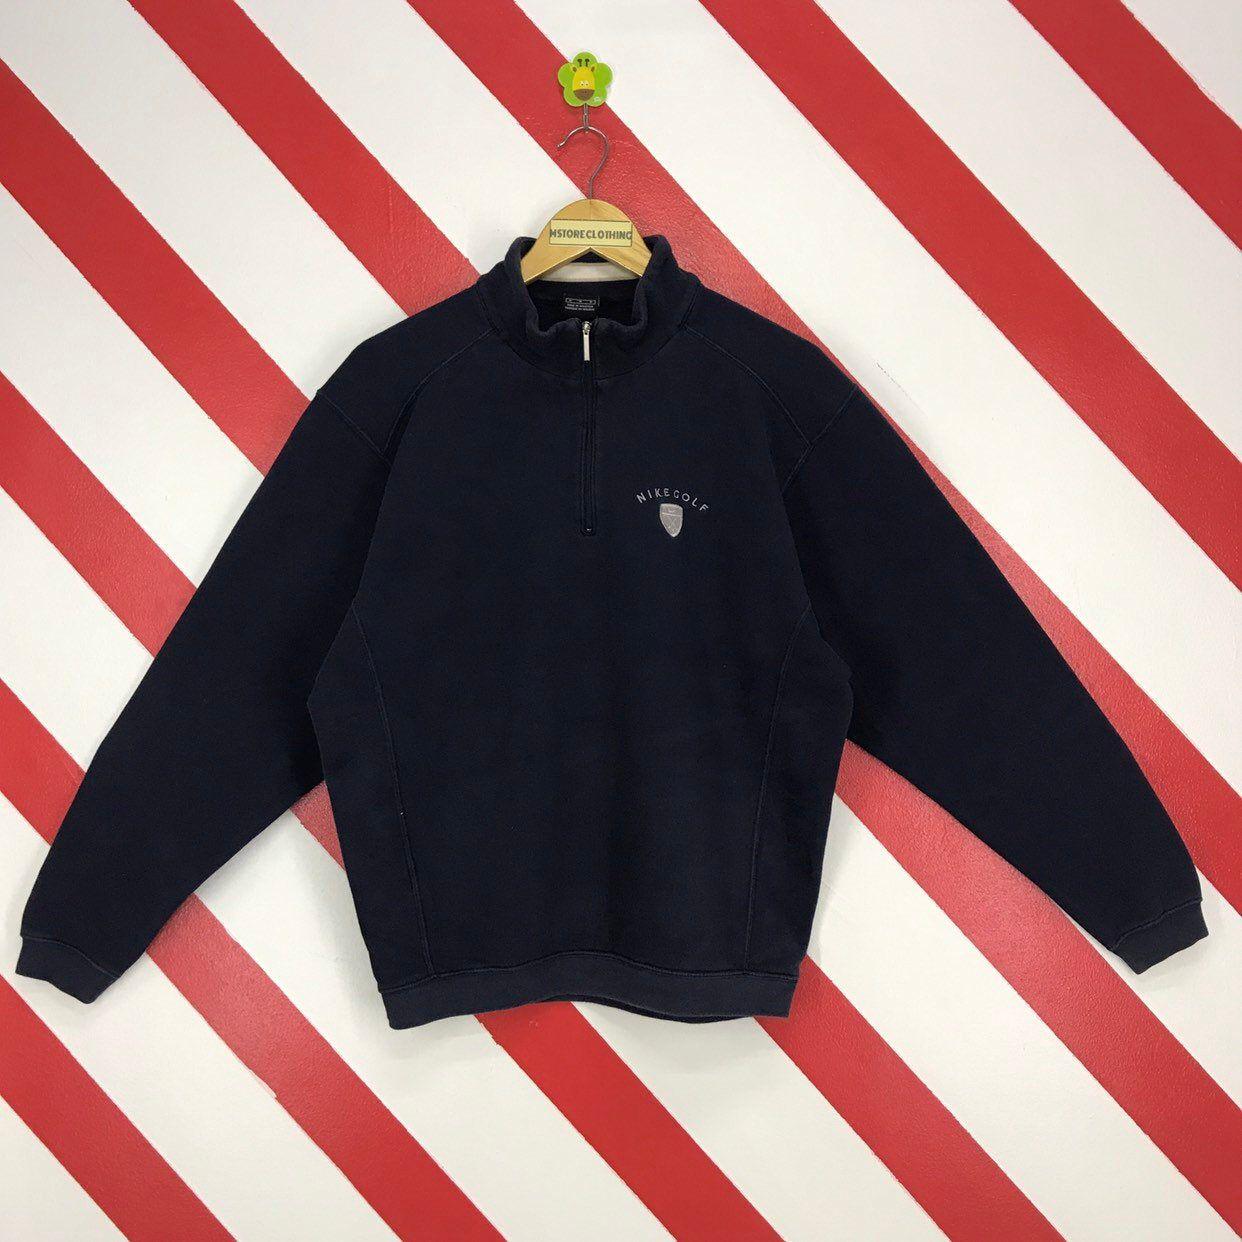 Pin By J A N E D O E On Fashion Nike Sweatshirts Vintage Nike Sweatshirt Embroidery Logo